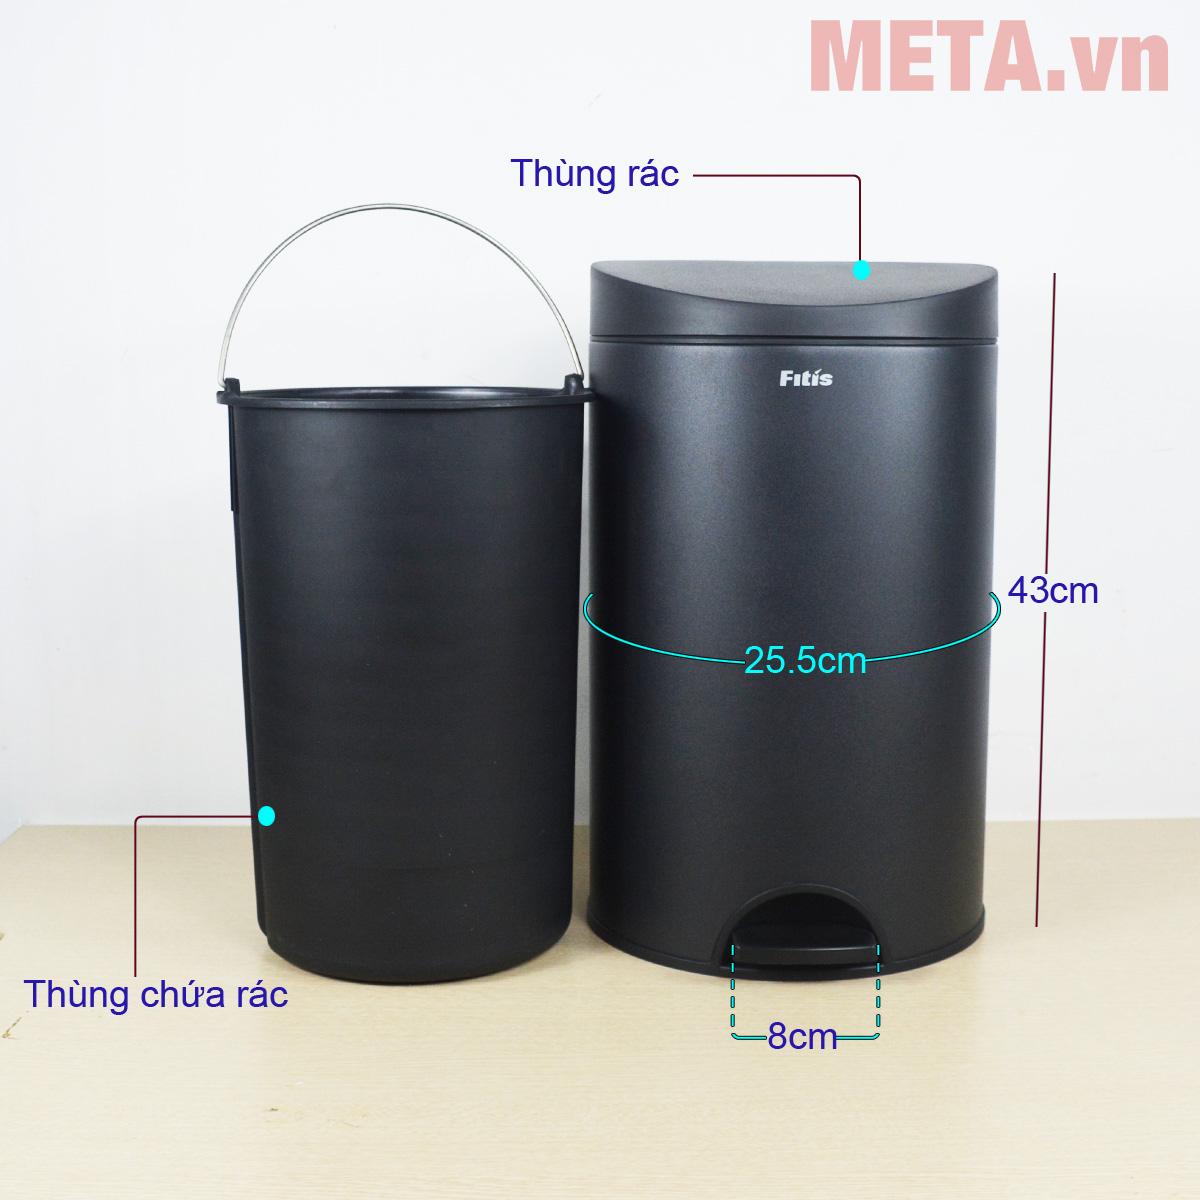 Thùng rác inox đạp tròn nhỏ Fitis RPS1-903 có vỏ ngoài inox